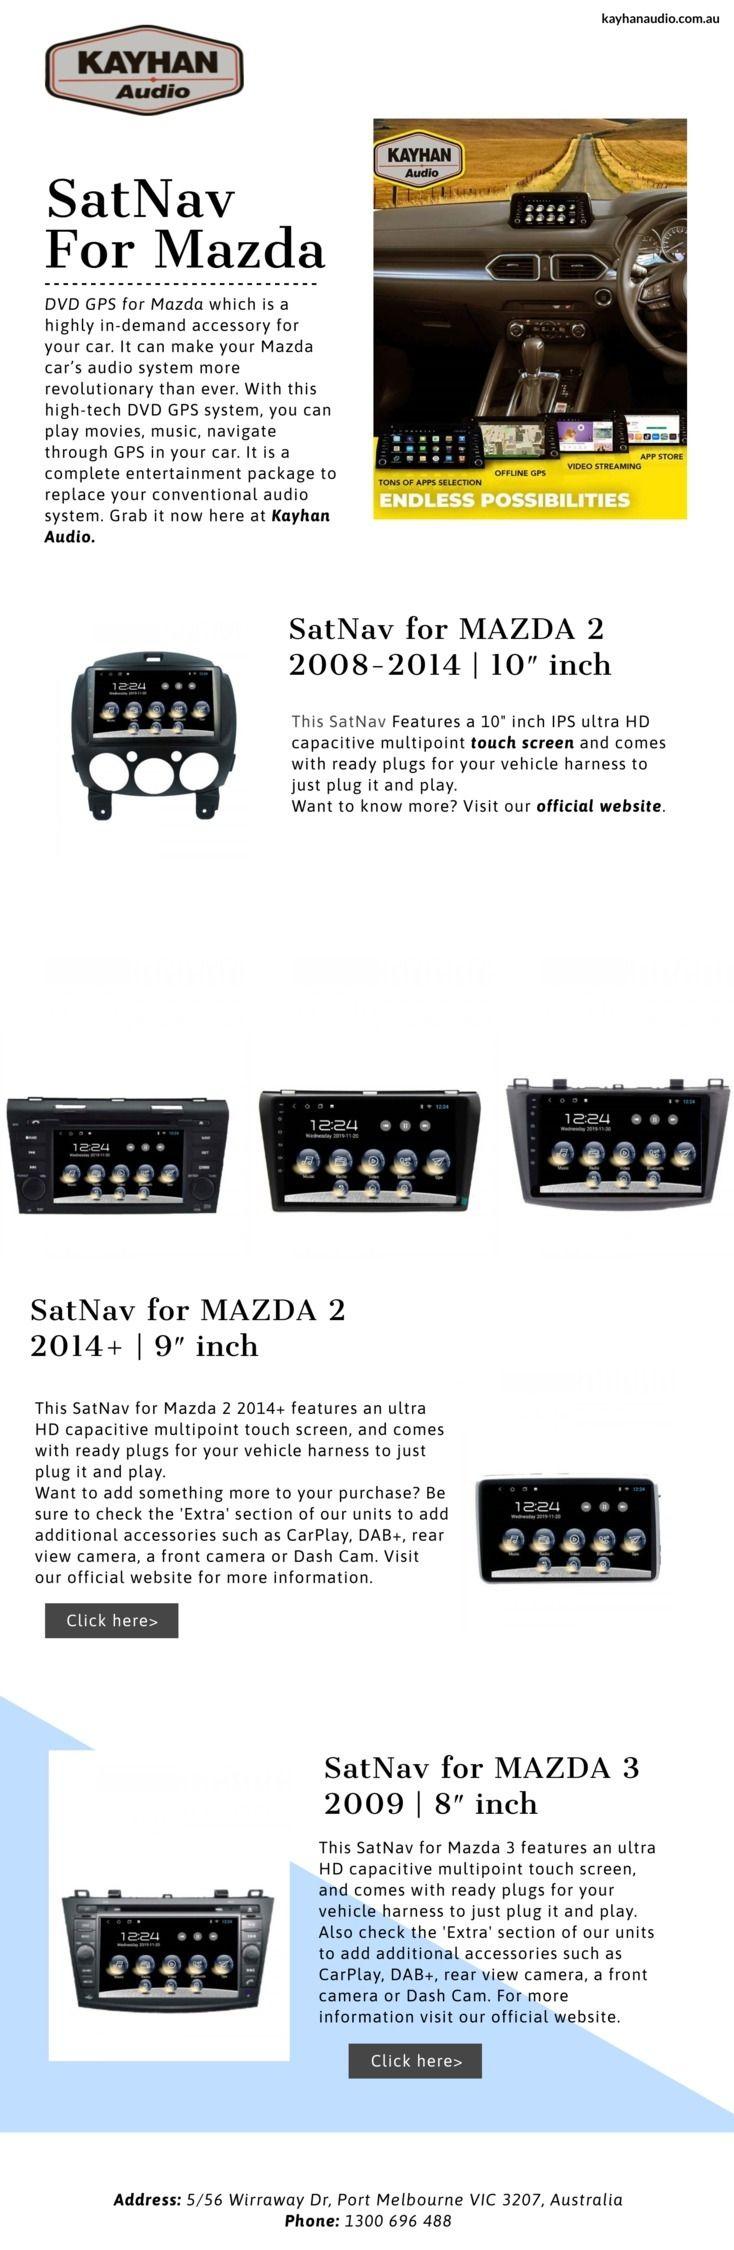 SatNav Mazda Kayhan Audio DVD G - kayhanaudio | ello